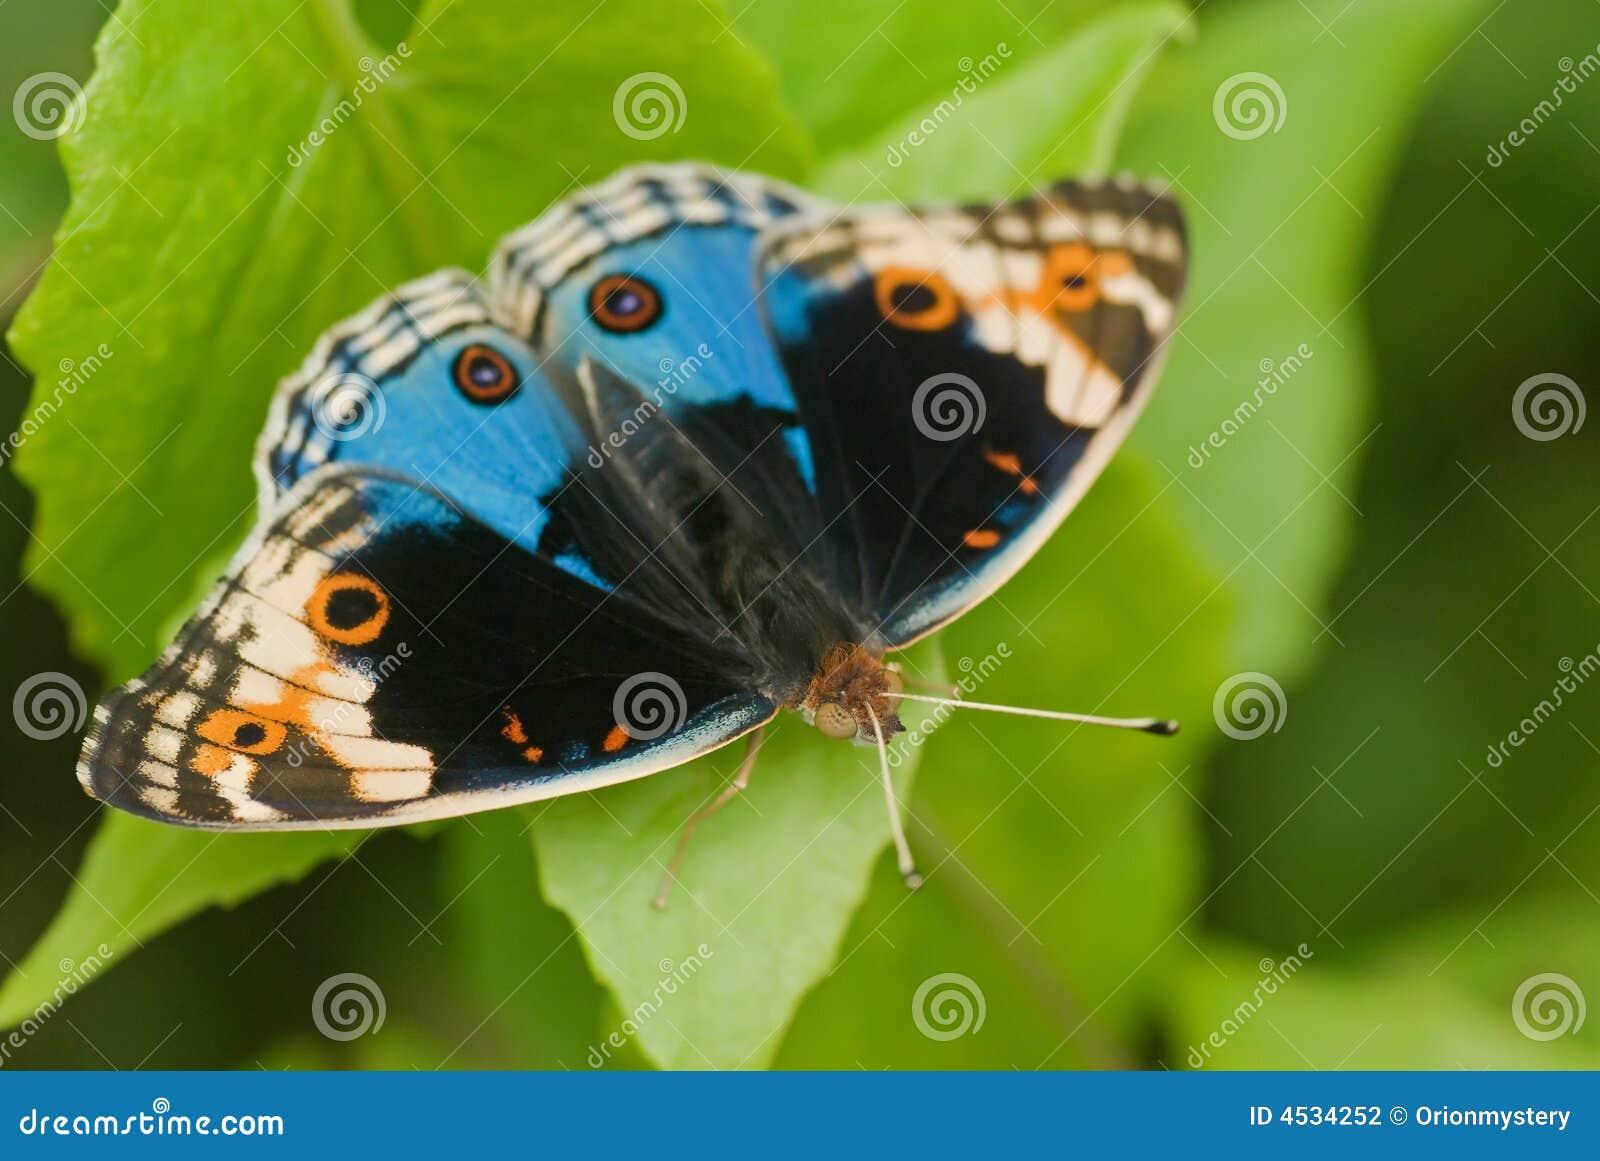 Butterfly Macro Stoc